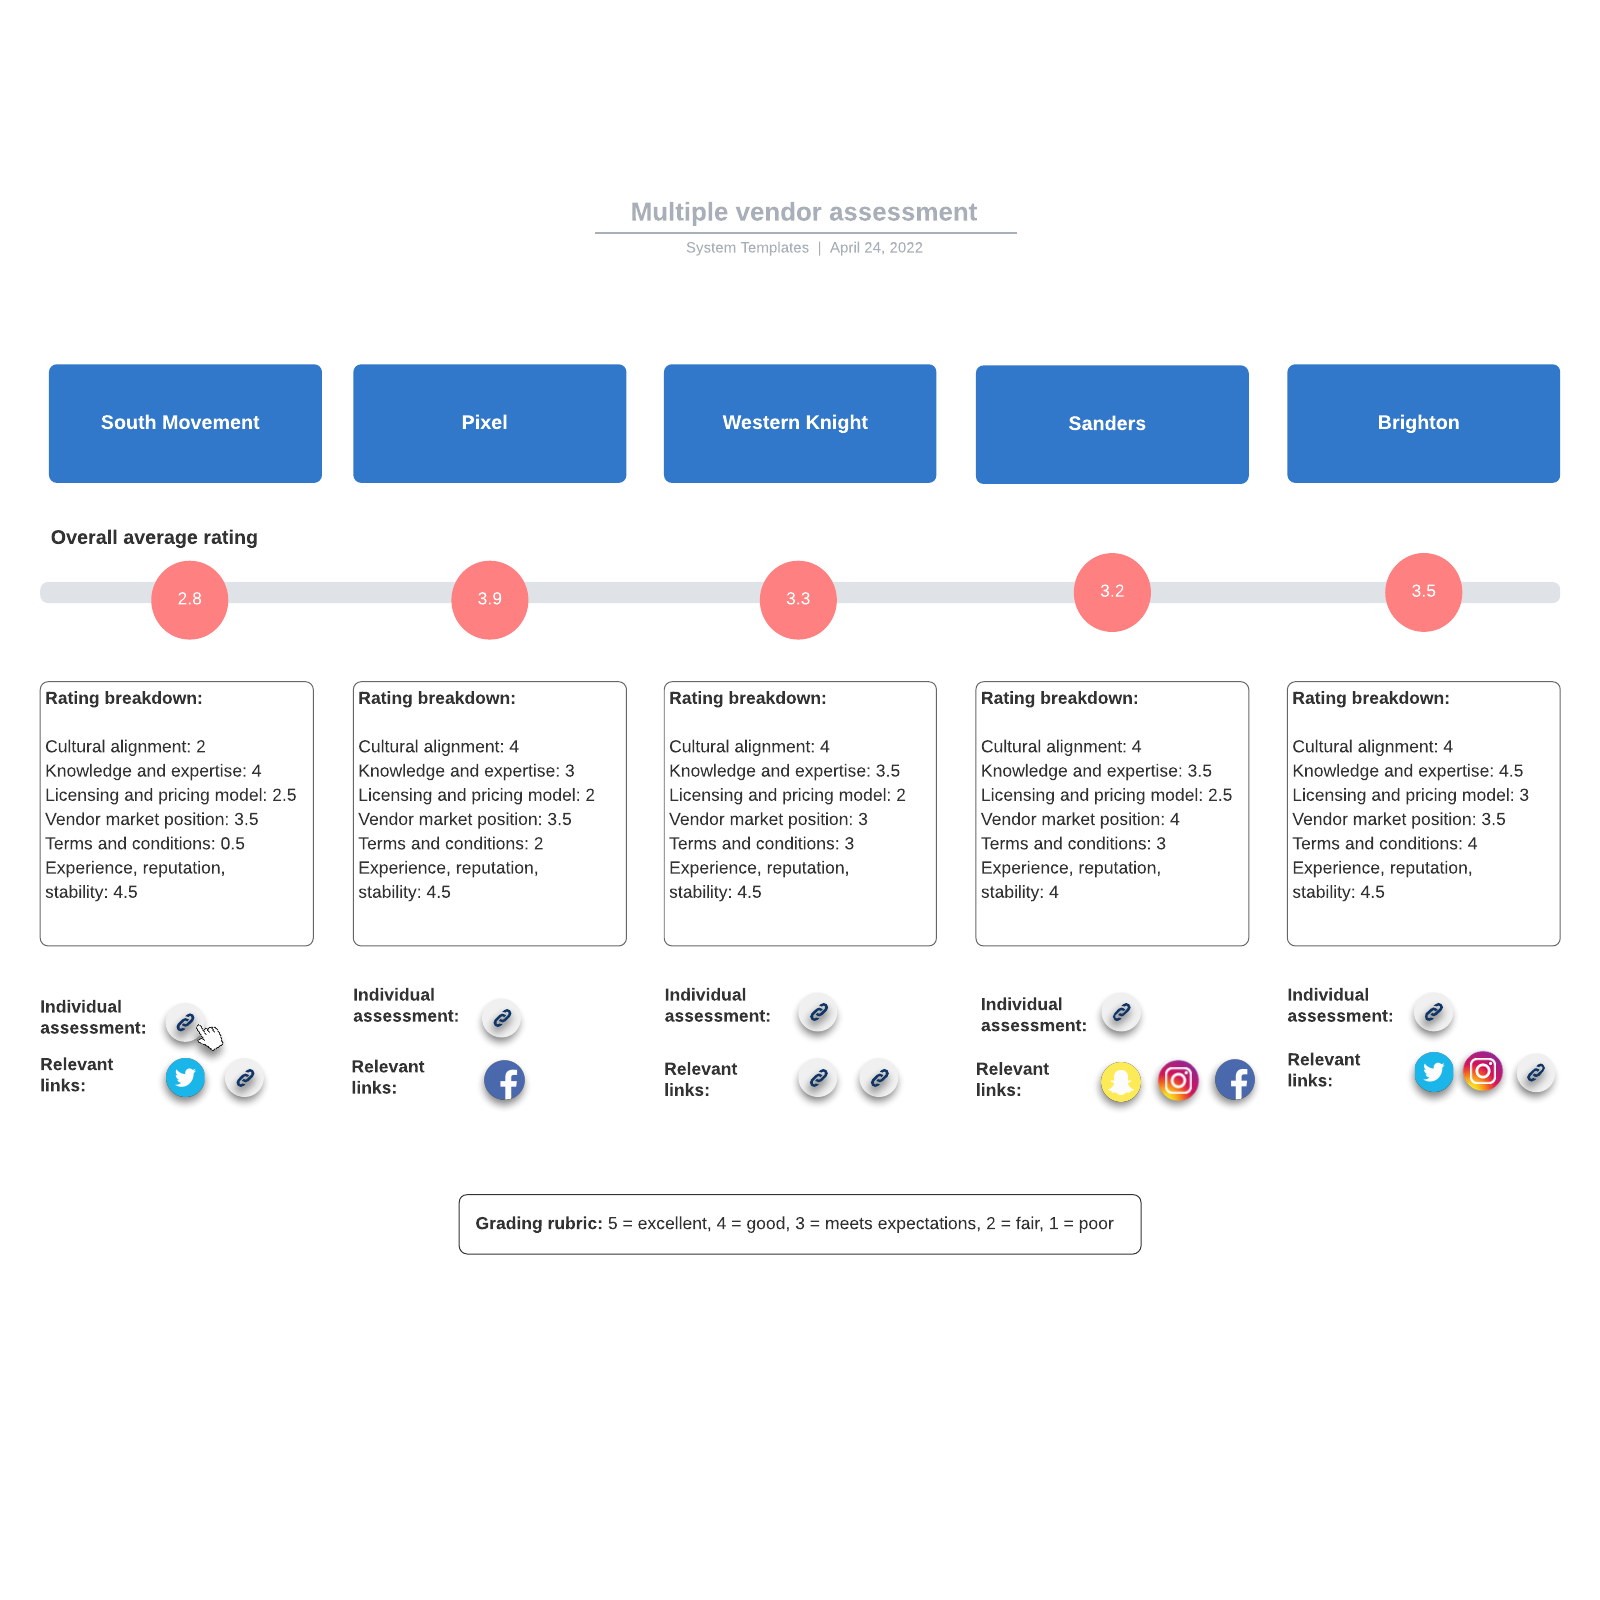 Multiple vendor assessment